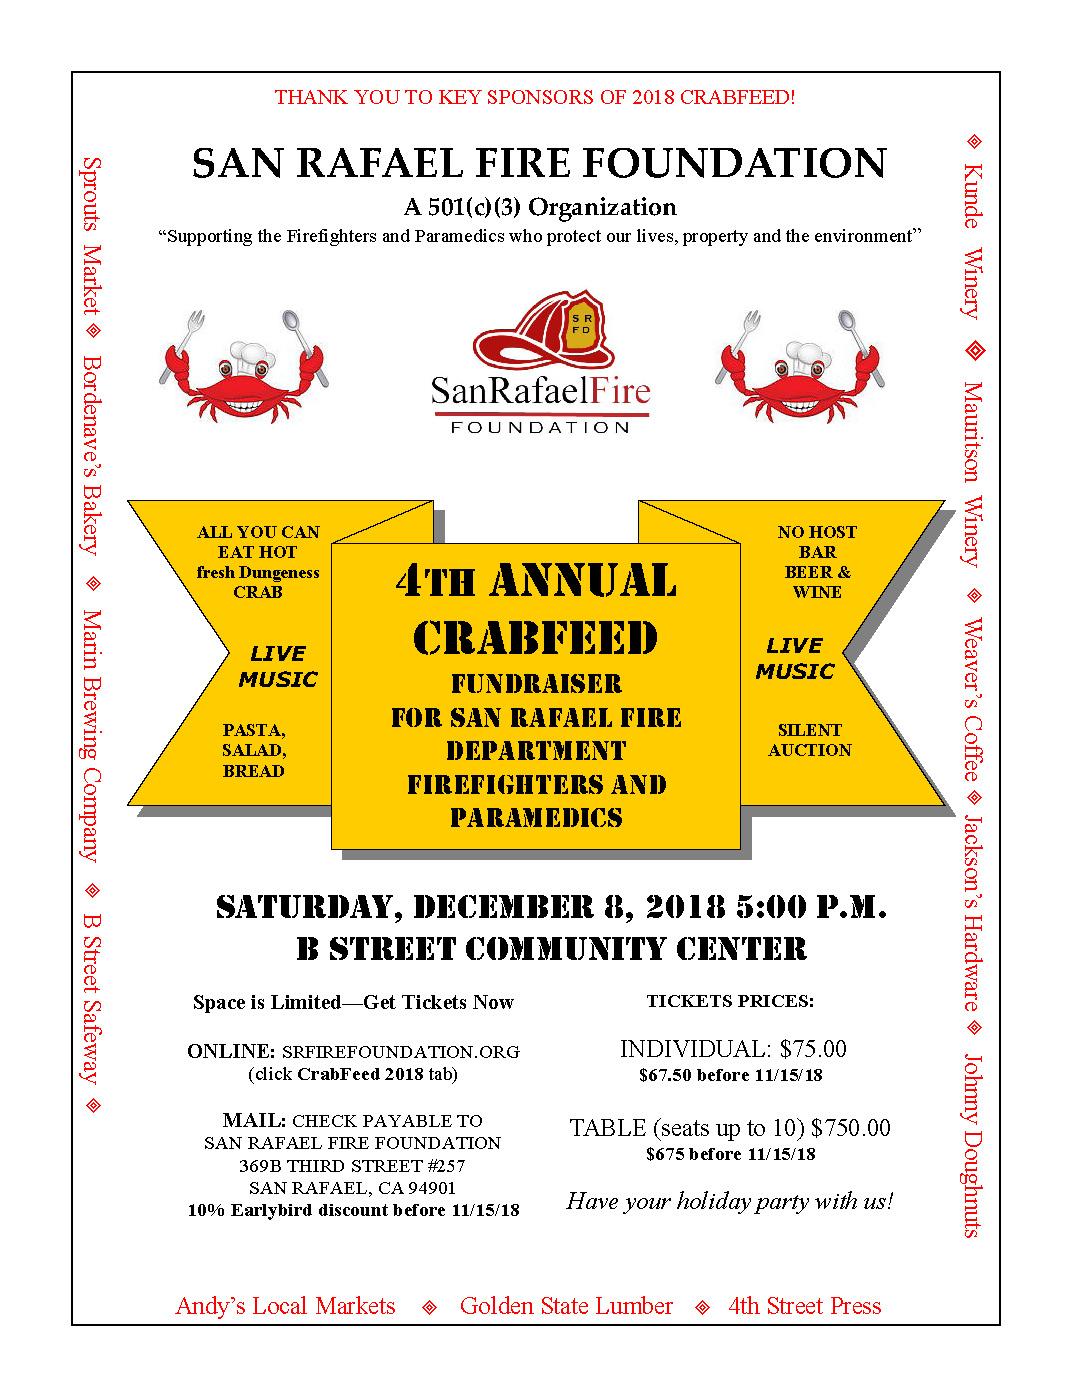 San Rafael Fire Foundation Crab Feed Flier